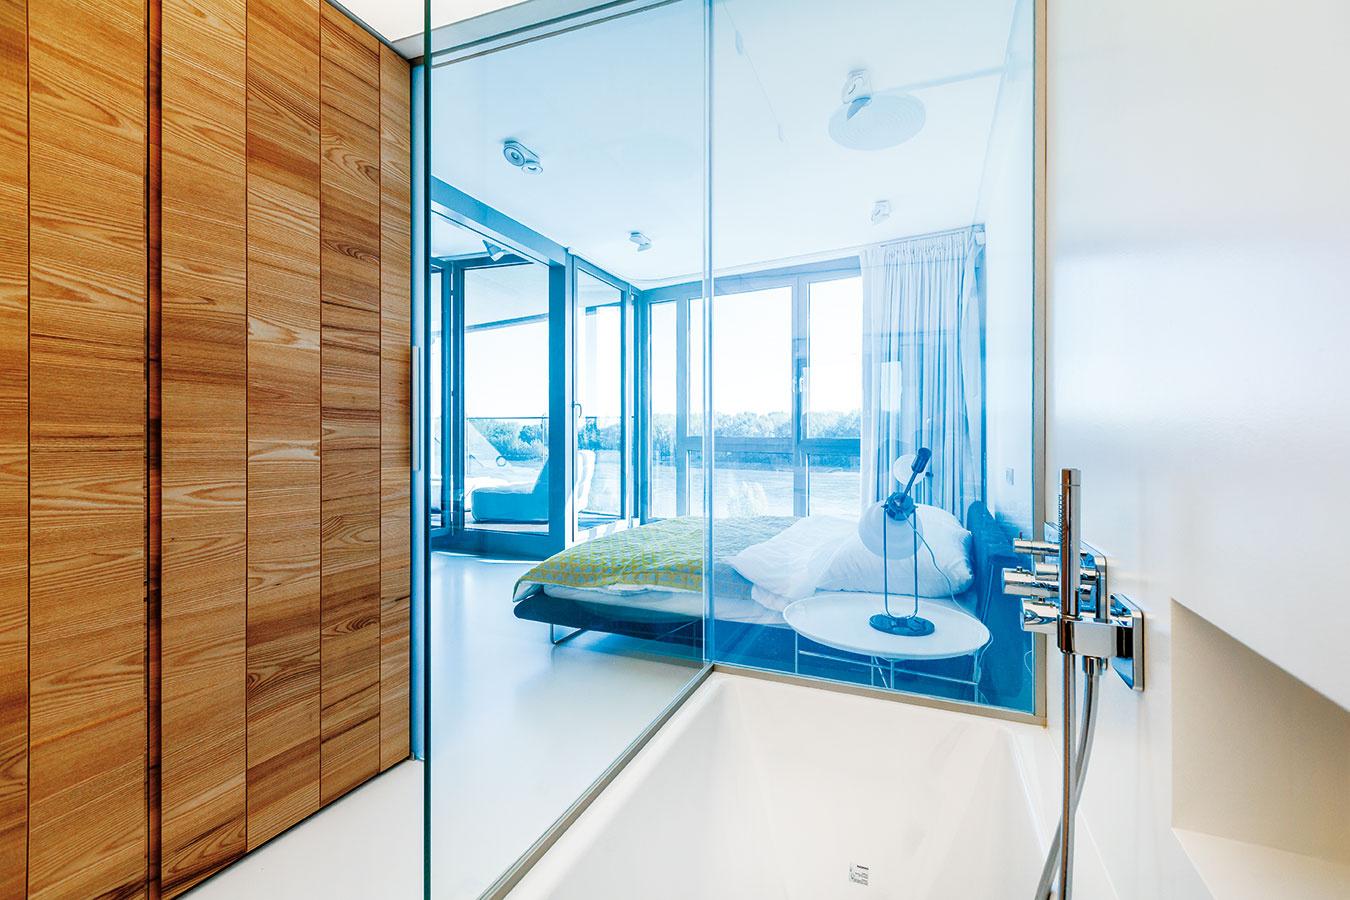 """Šatník vkúpeľni. Hlavné úložné priestory spálne umiestnili architekti do dreveného boxu oddeľujúceho dennú anočnú zónu. Prístupné sú pritom zkúpeľne. """"Toto netradičné riešenie sme si mohli dovoliť vďaka tomu, že kúpeľňa má okrem kvalitného núteného odsávania aj možnosť prirodzeného vetrania cez otvorené okno,"""" vysvetľuje architekt Huliman."""